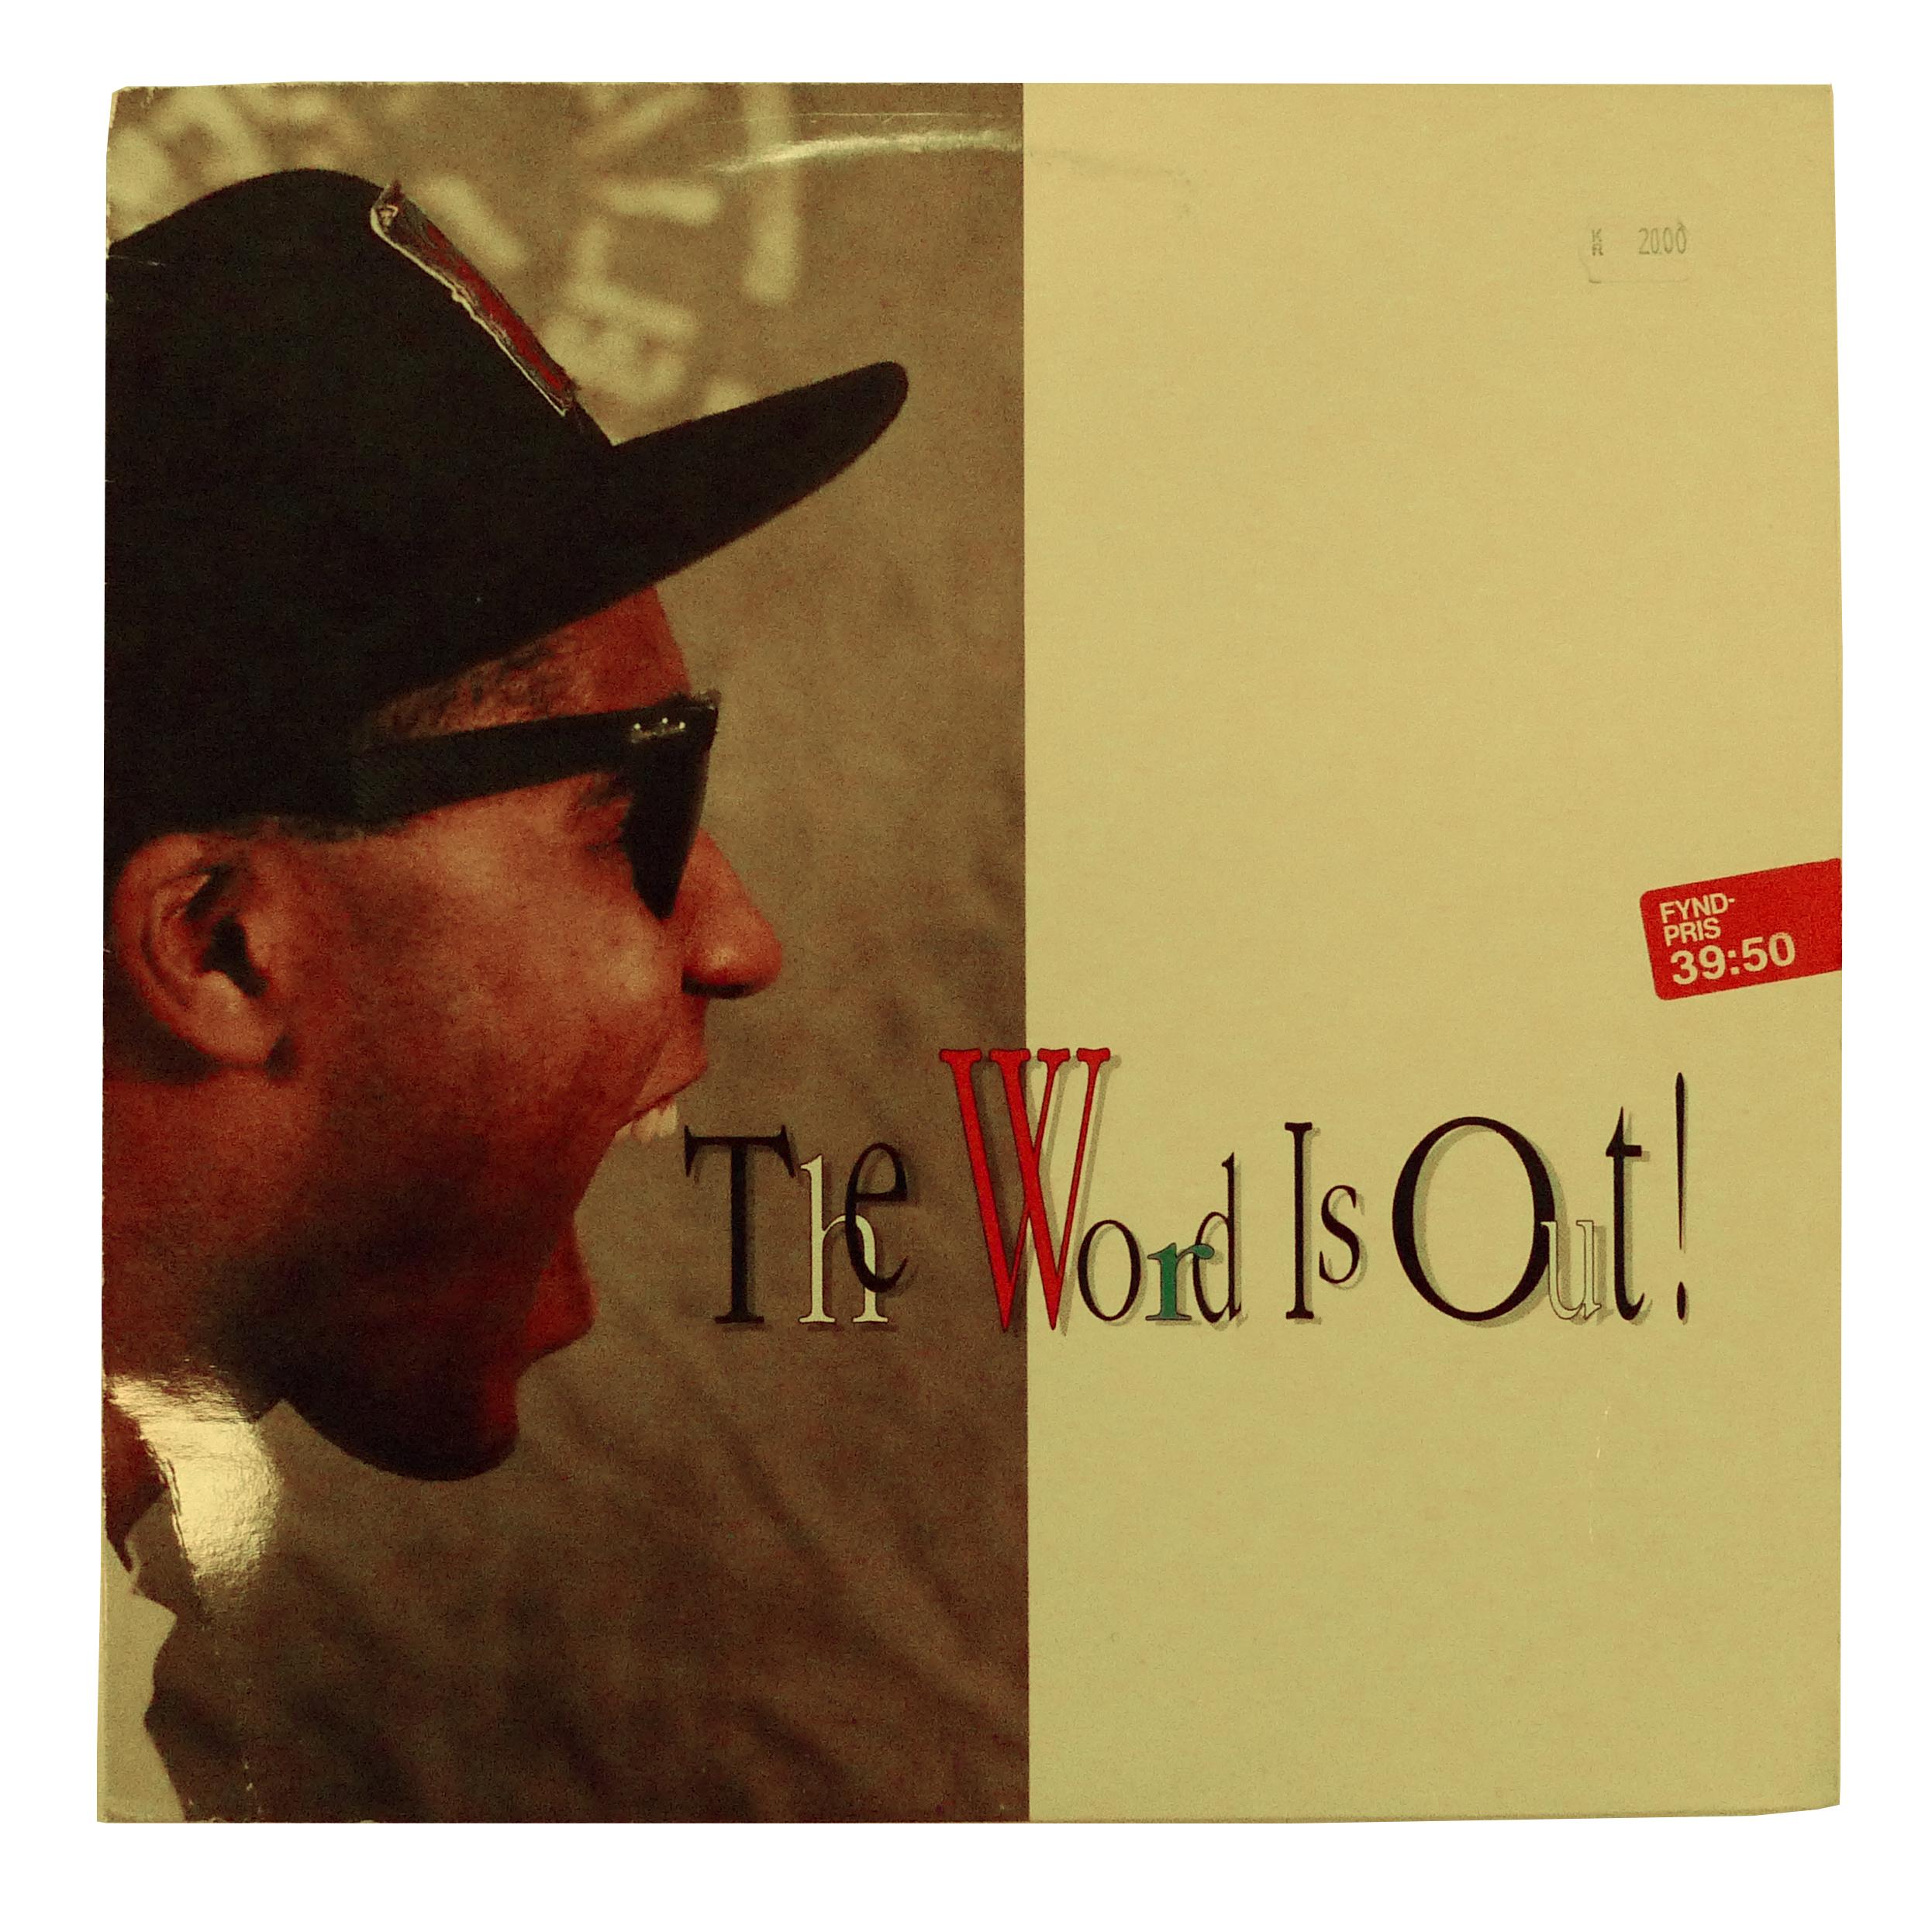 dj50s ep012 sleeve thewordisout